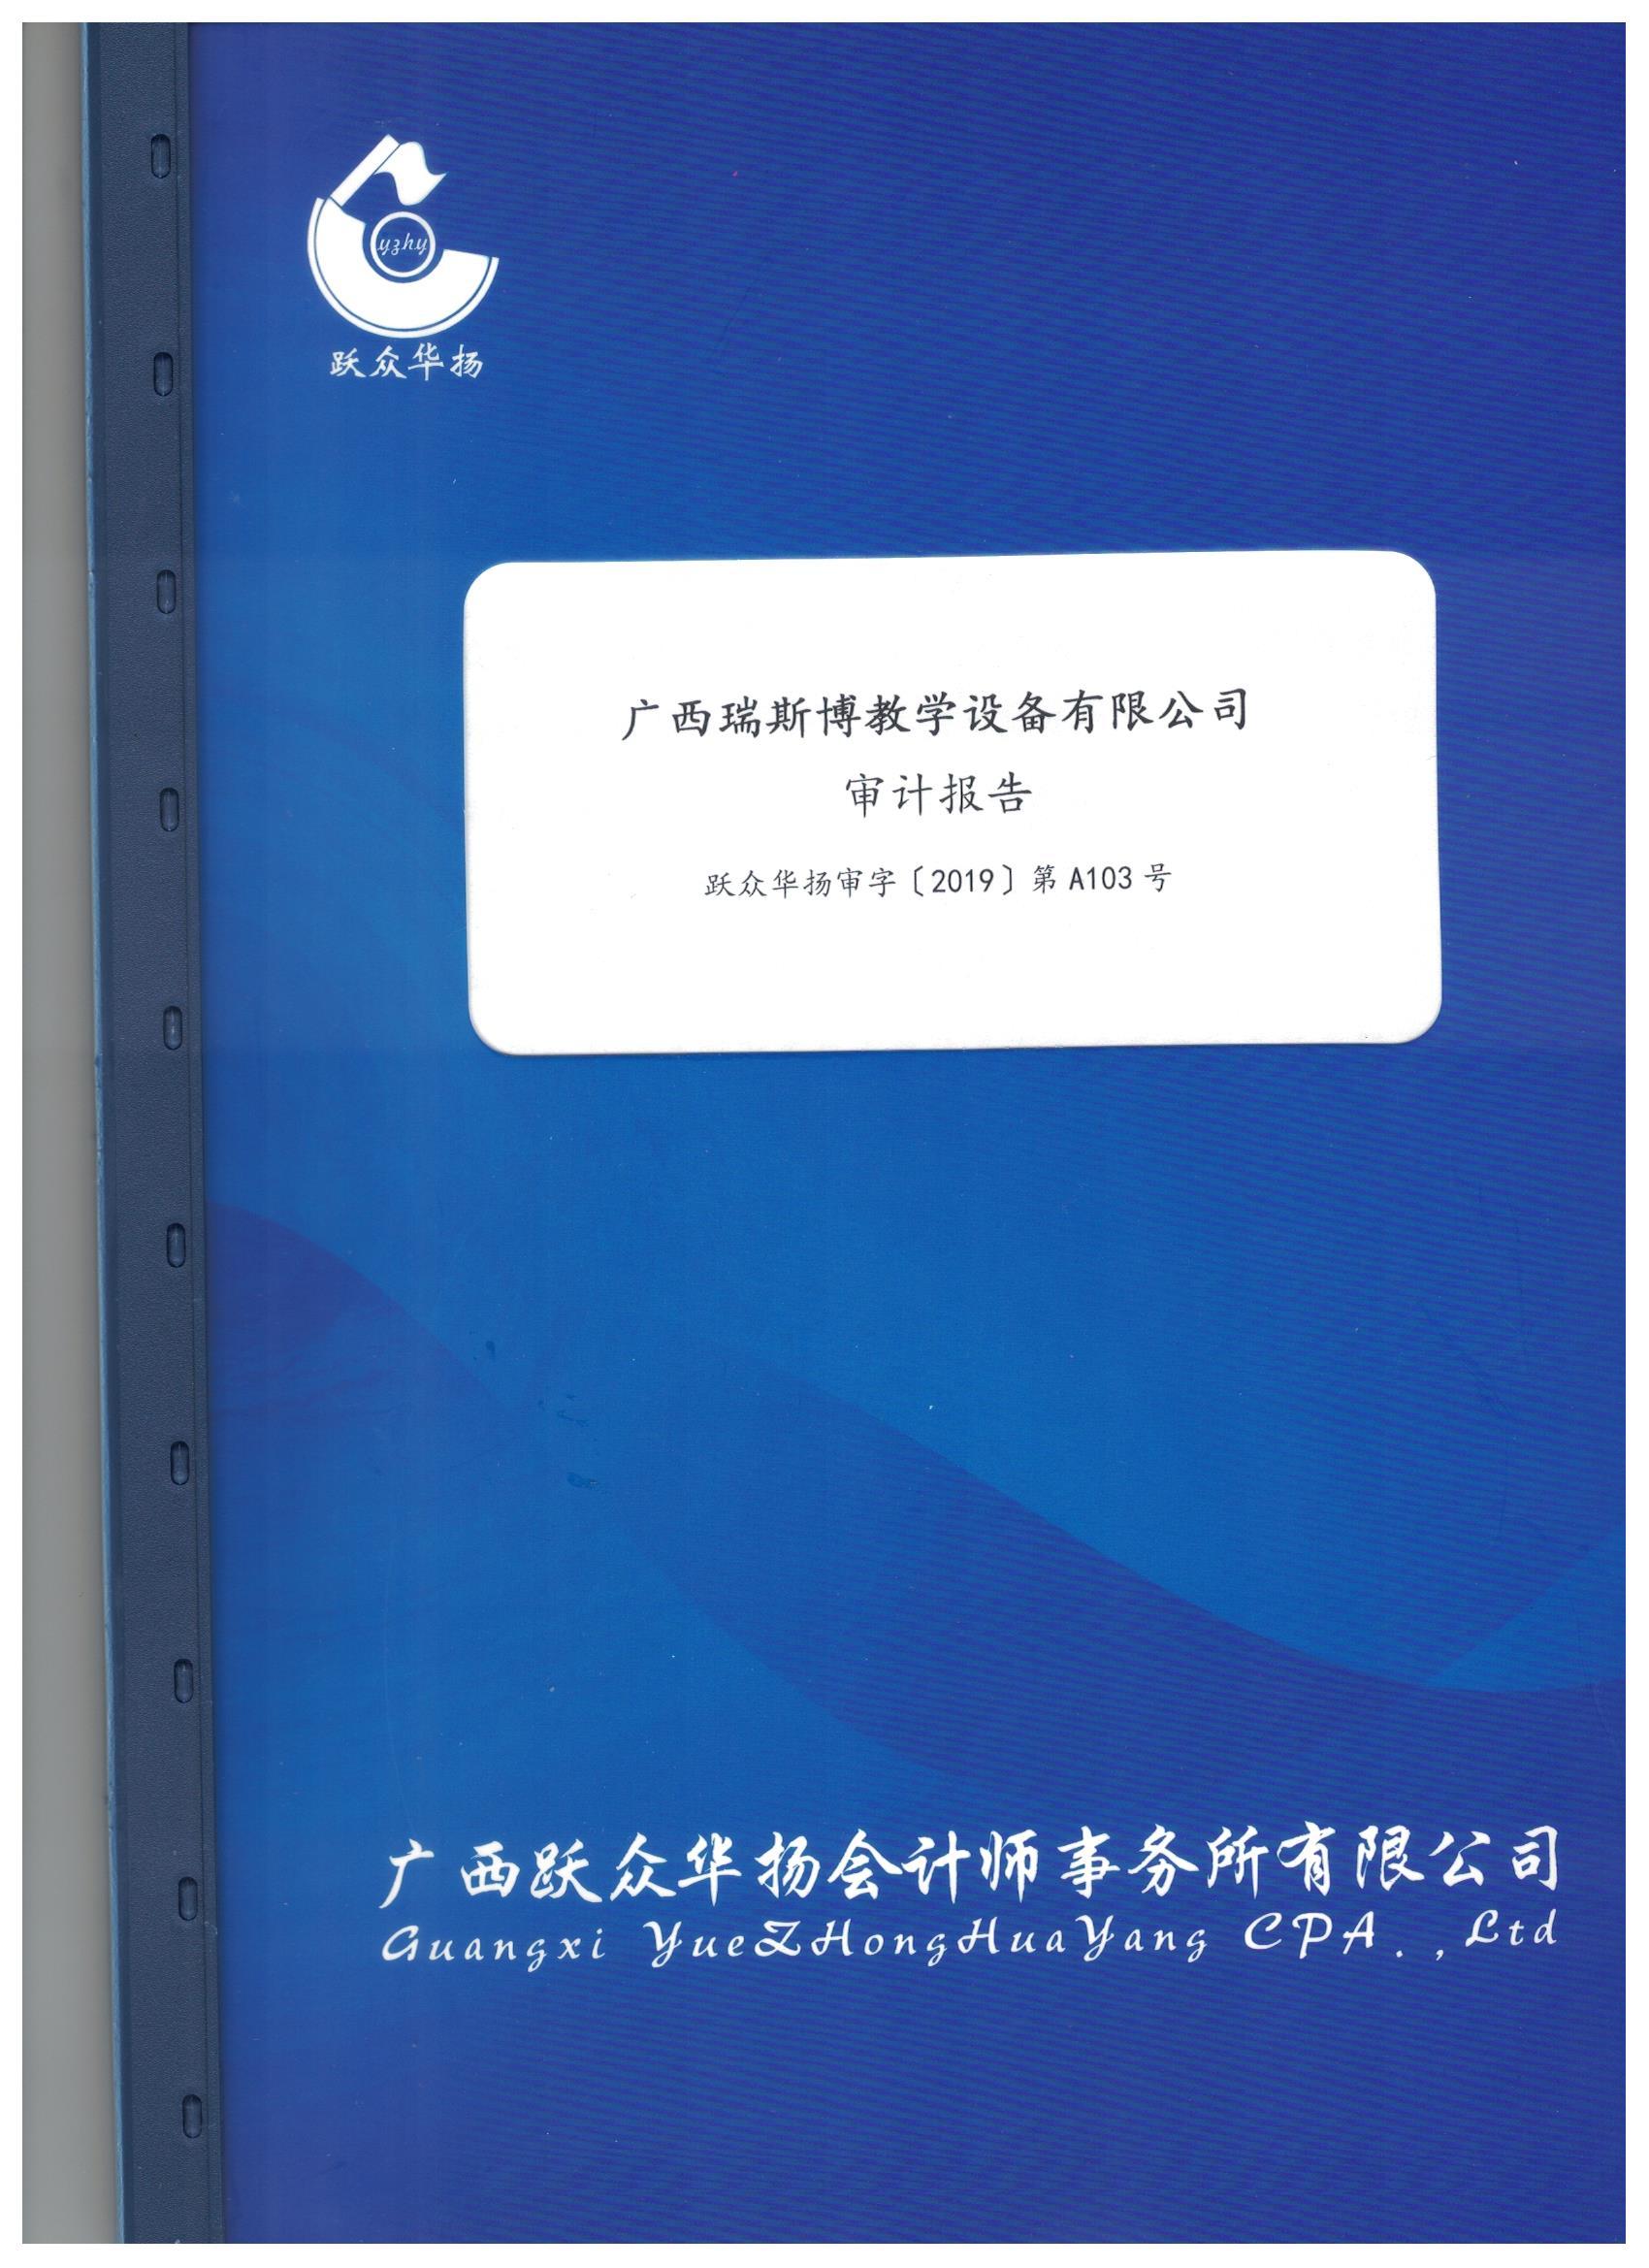 2018年审计报告